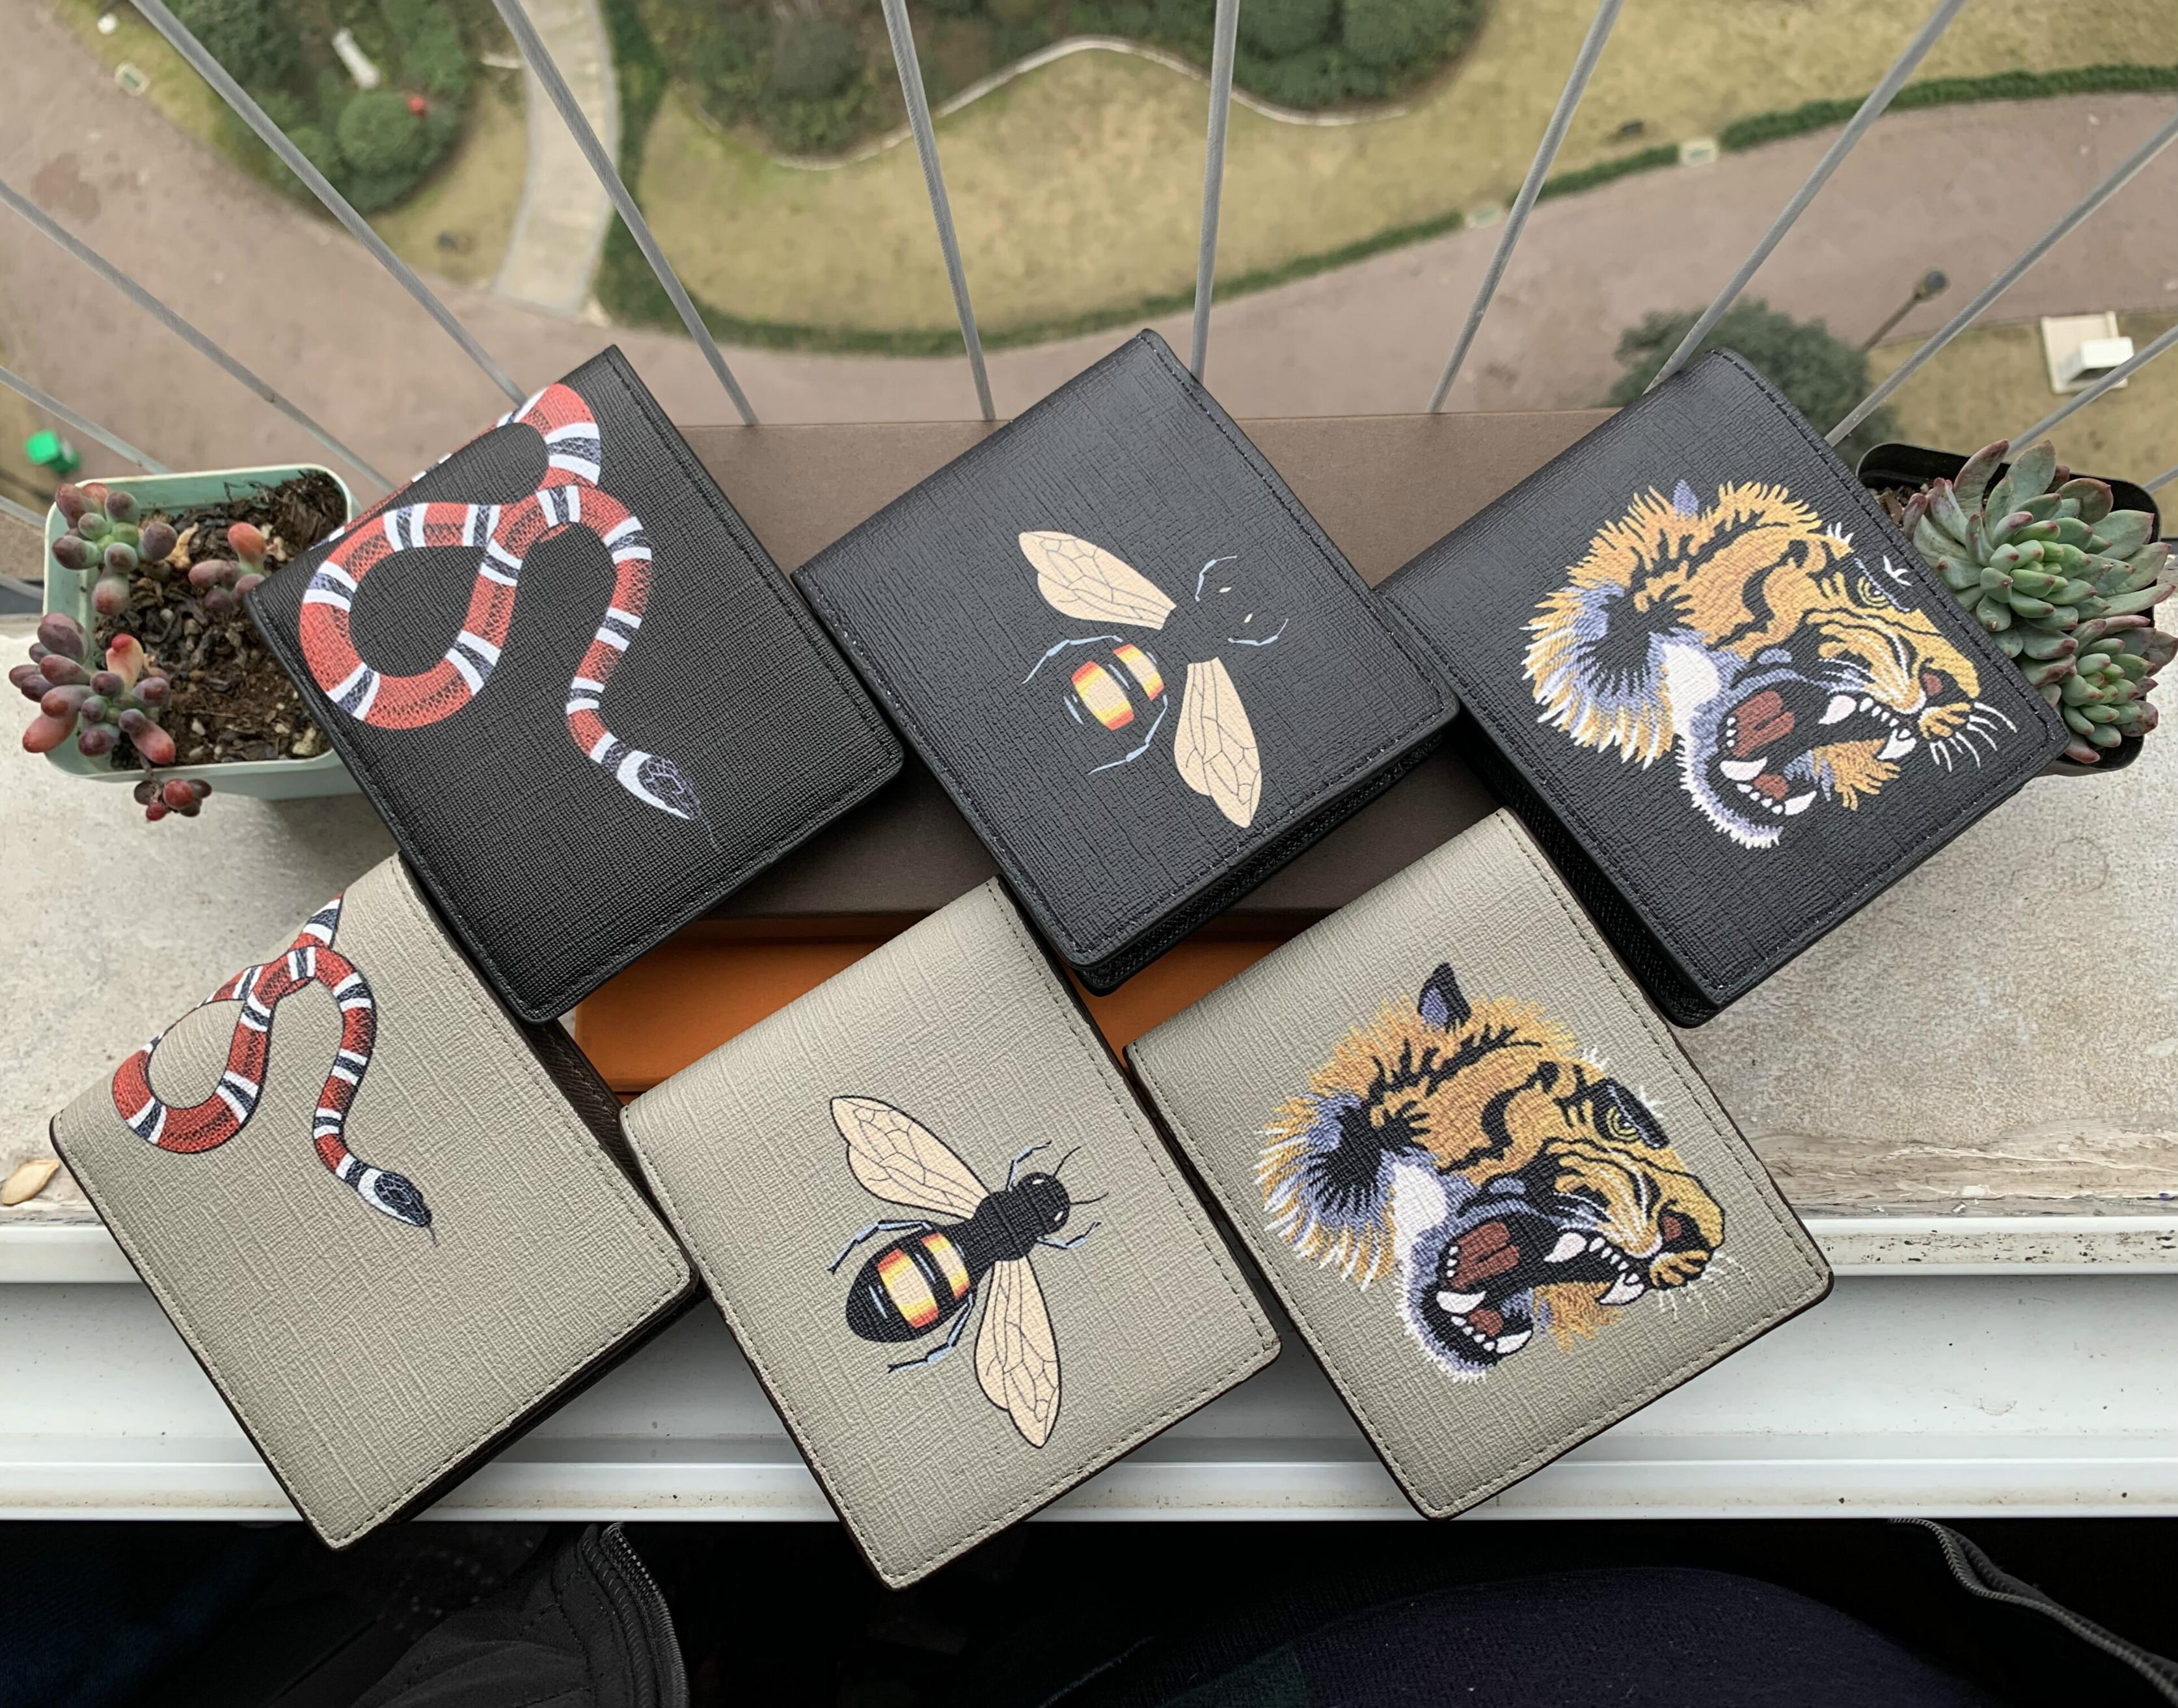 6 colori Parigi plaid il progettista del mens di stile del raccoglitore famosi uomini di lusso portafogli in pelle speciale multipla piccolo portafoglio breve bifold con box